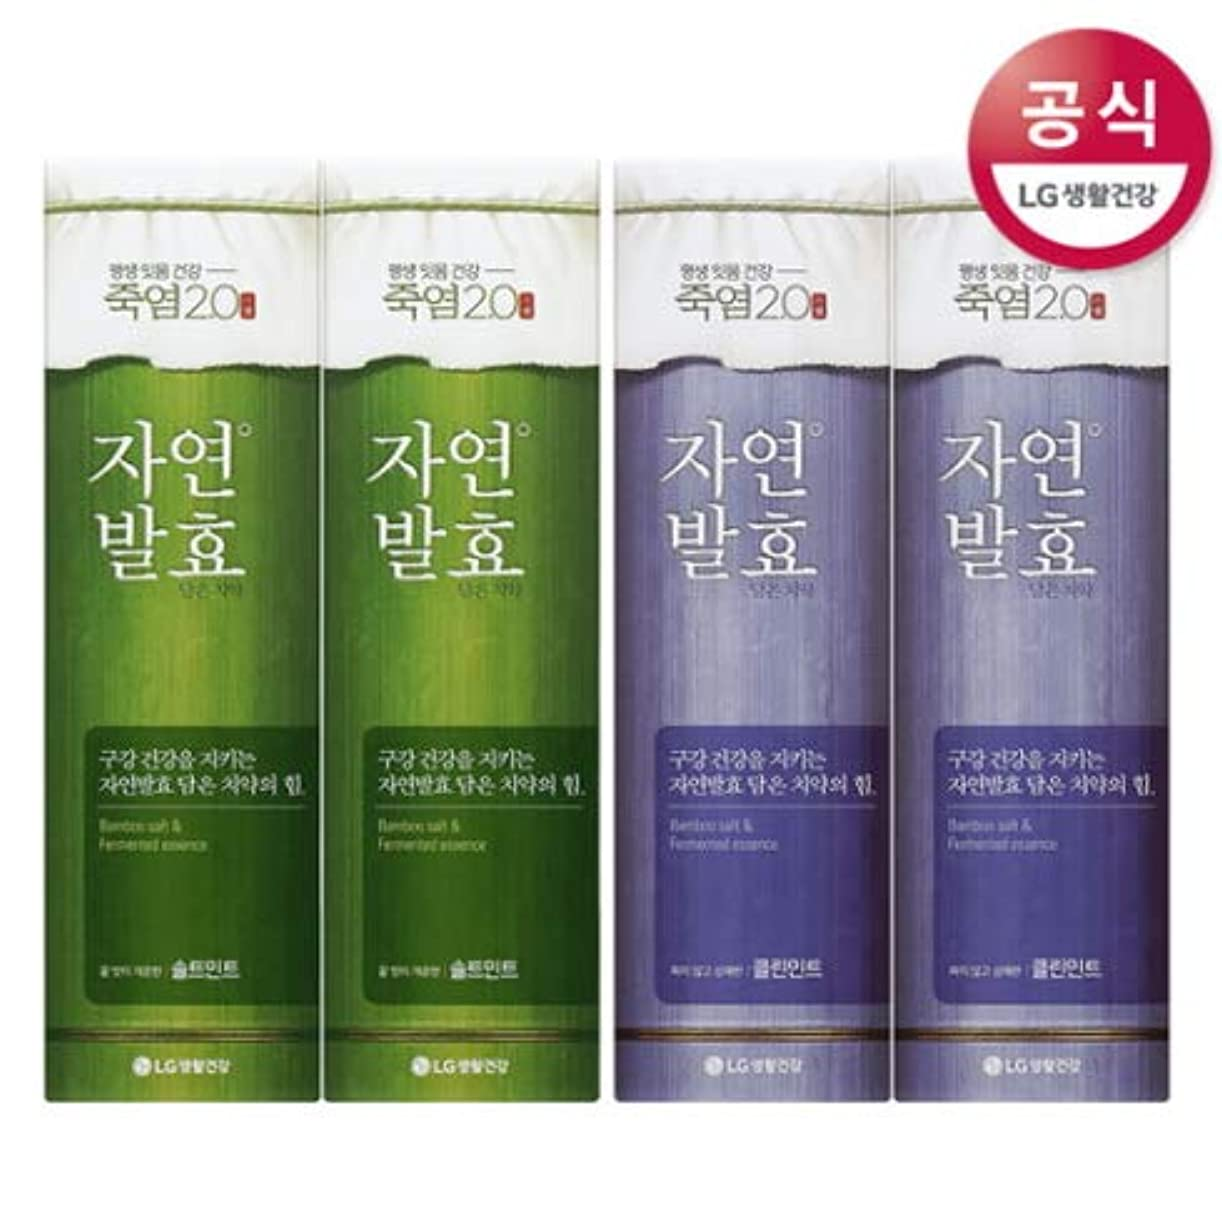 オン包帯うまくやる()[LG HnB] Bamboo salt natural fermentation toothpaste/竹塩自然発酵入れた歯磨き粉 100gx4個(海外直送品)